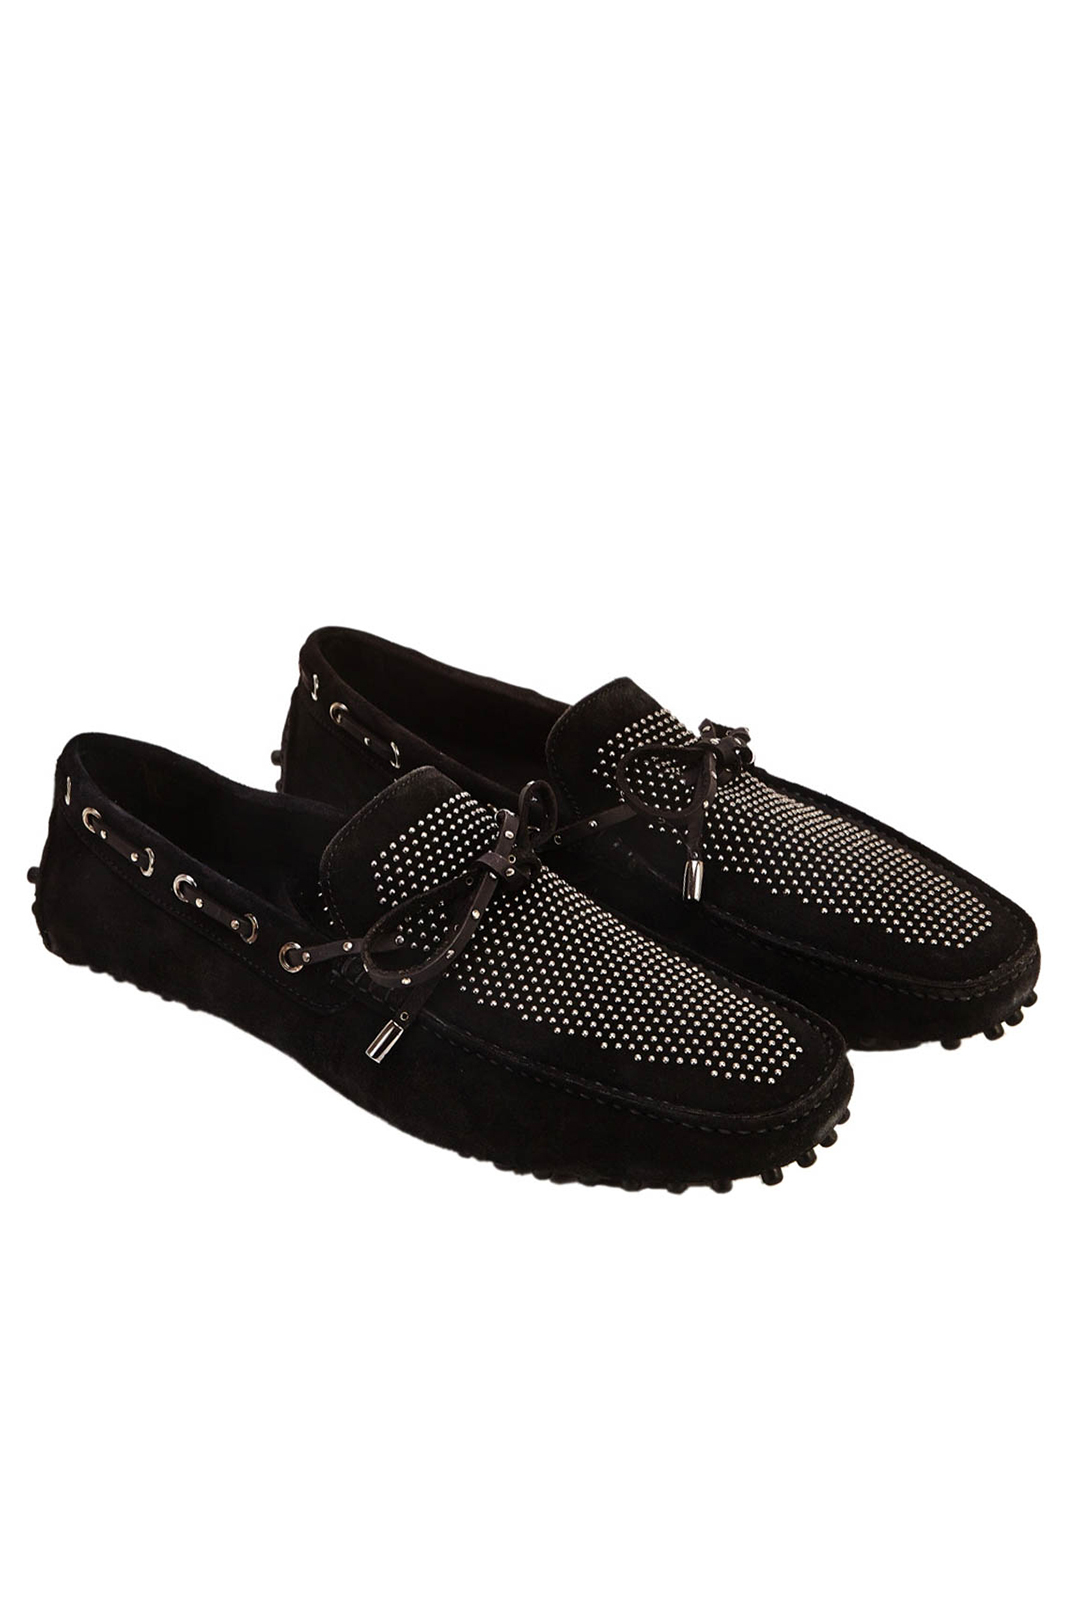 Chaussures de ville  Just Cavalli S12WR0035 (08582) 900 NOIR